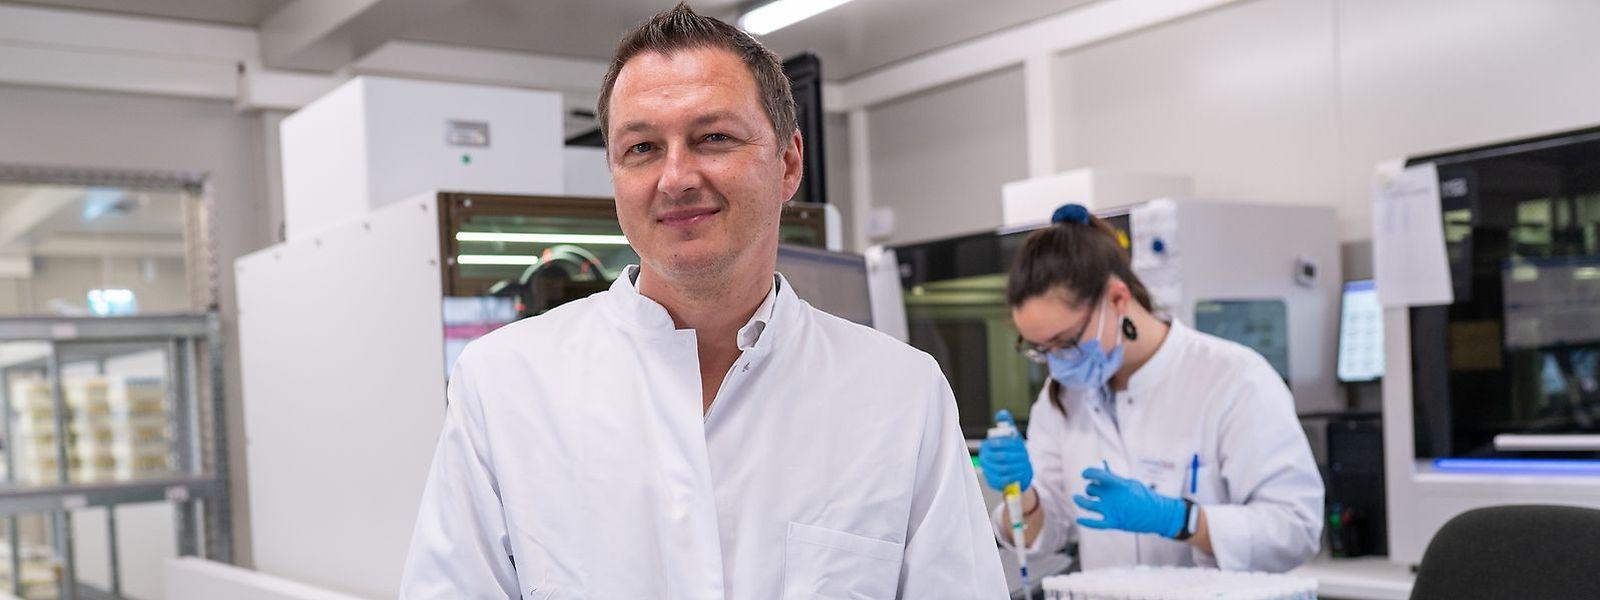 Selon le Dr Thomas Dentzer, coordinateur de la stratégie de test au ministère de la Santé, l'avancée de la vaccination devrait permettre d'éviter de grandes surprises à la rentrée.